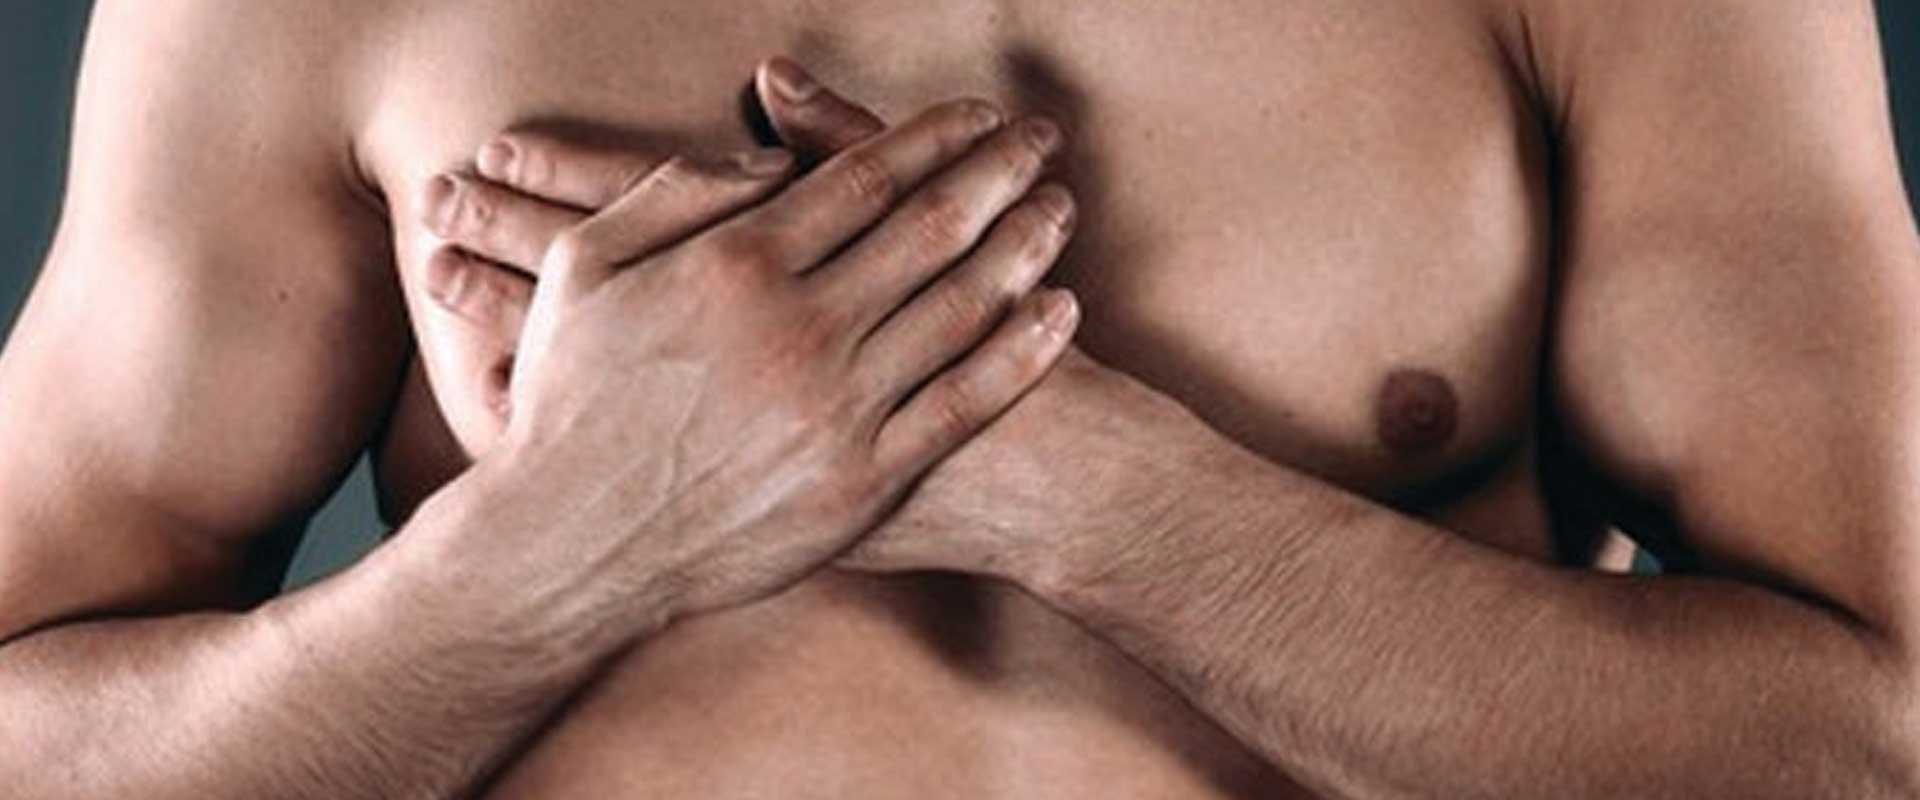 Γυναικομαστία: Αιτιολογία και αντιμετώπιση